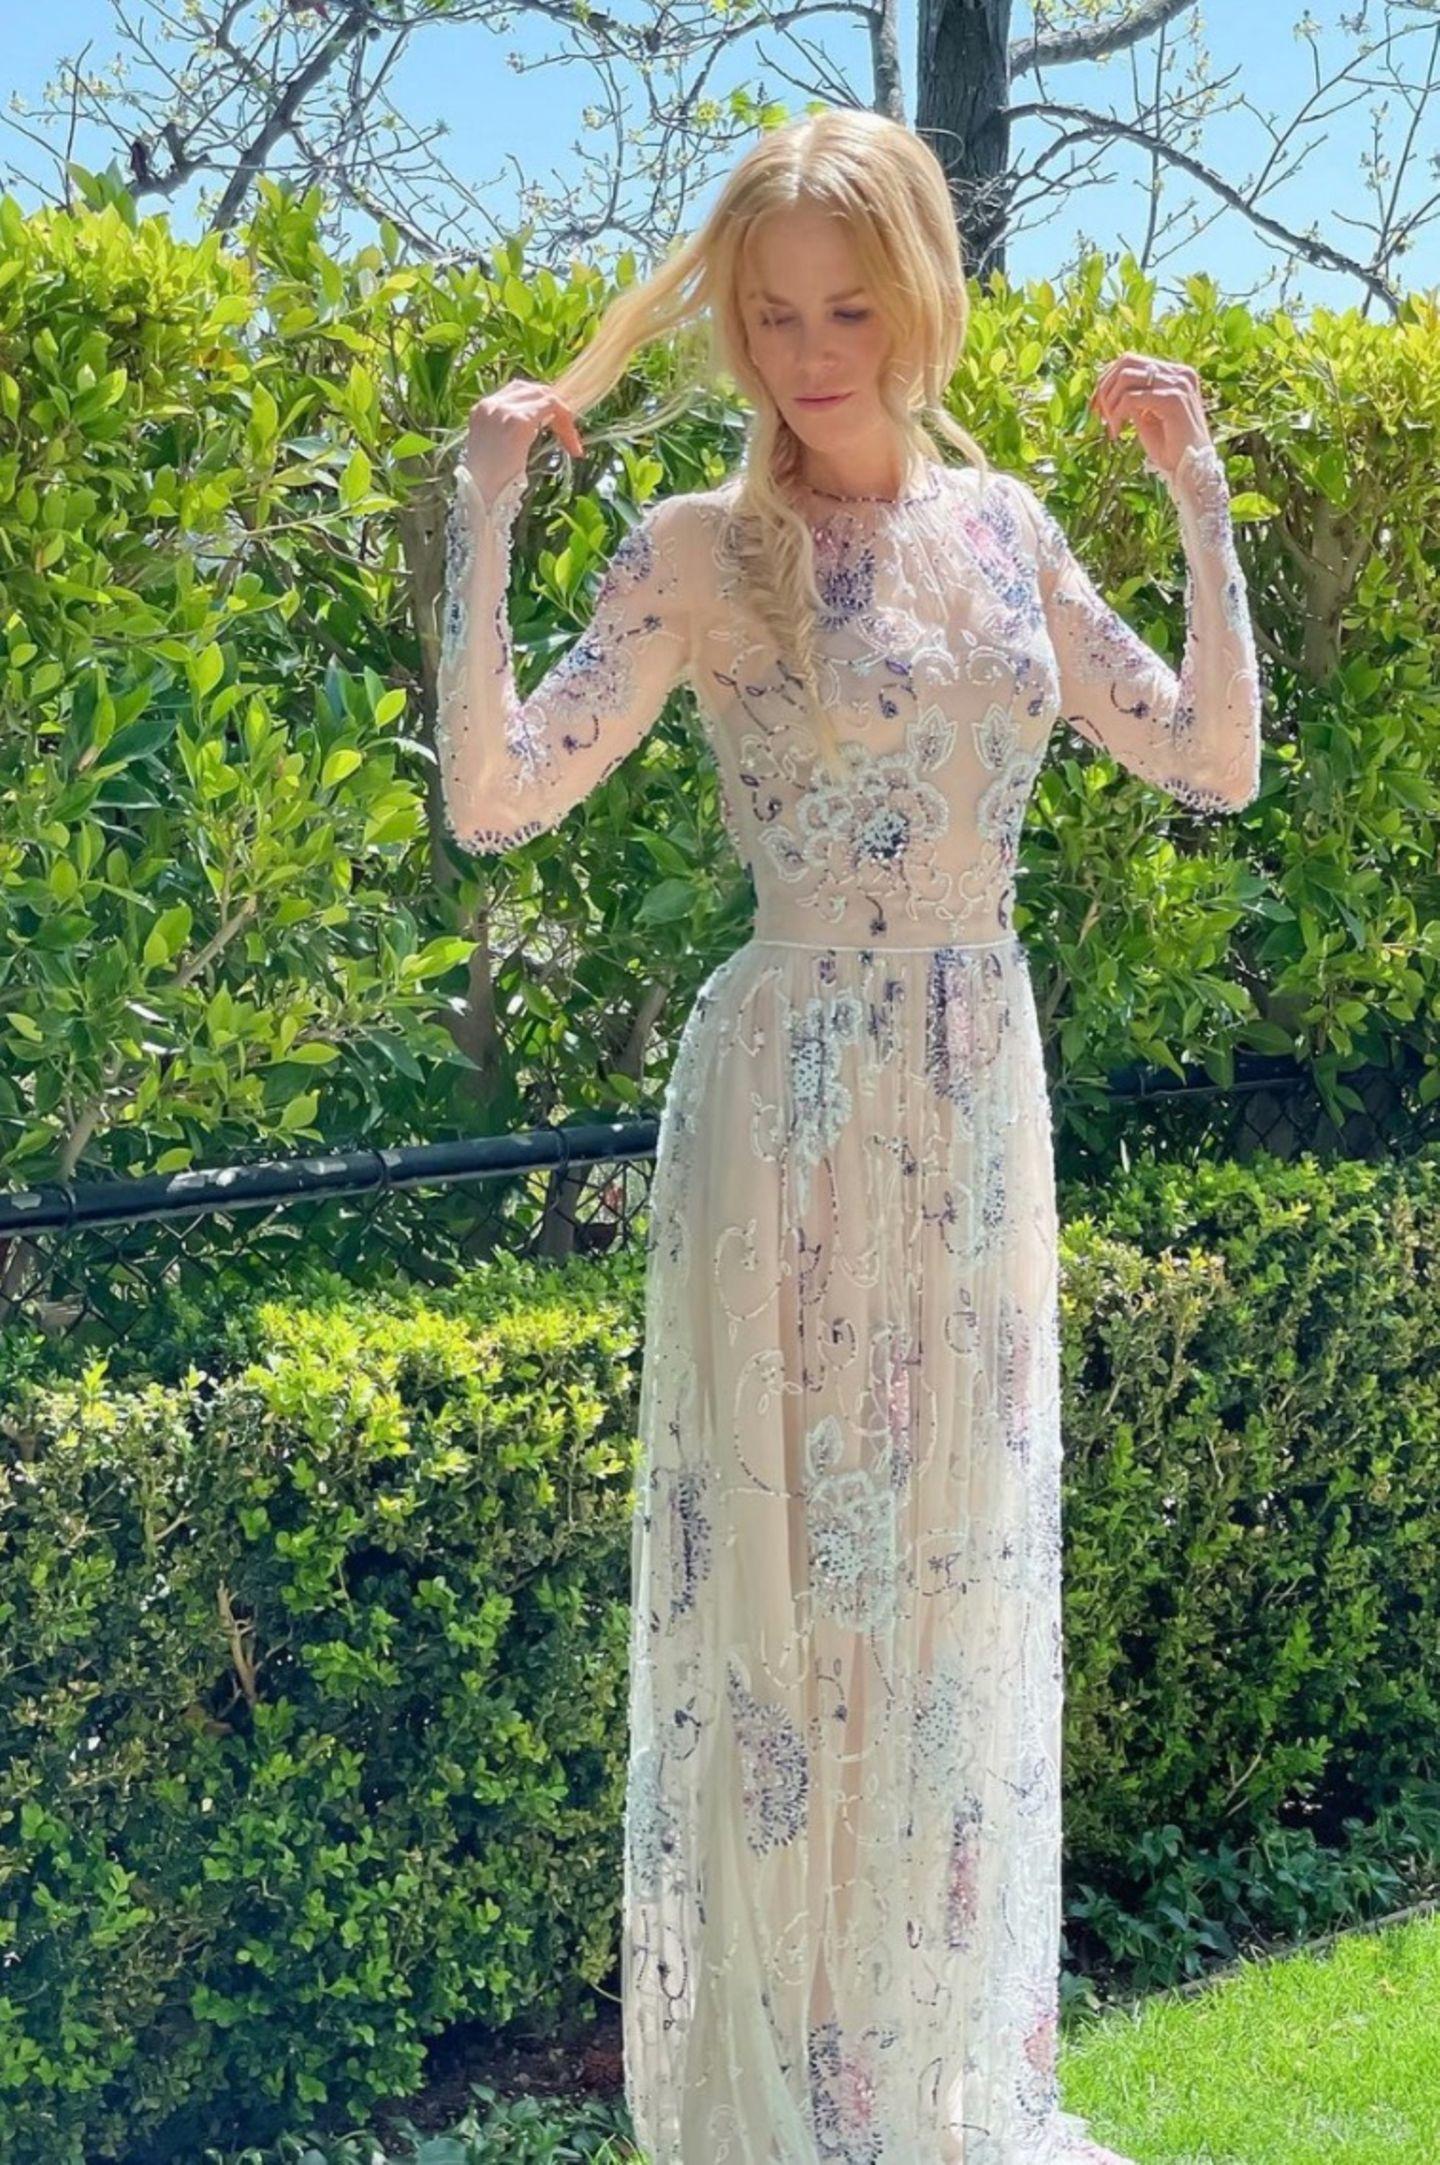 Nicole Kidman trägt einhalbtransparentesKleid von Giorgio Armani. Die zarten Stickereien aus Perlen geben dem Look das gewisse Etwas.